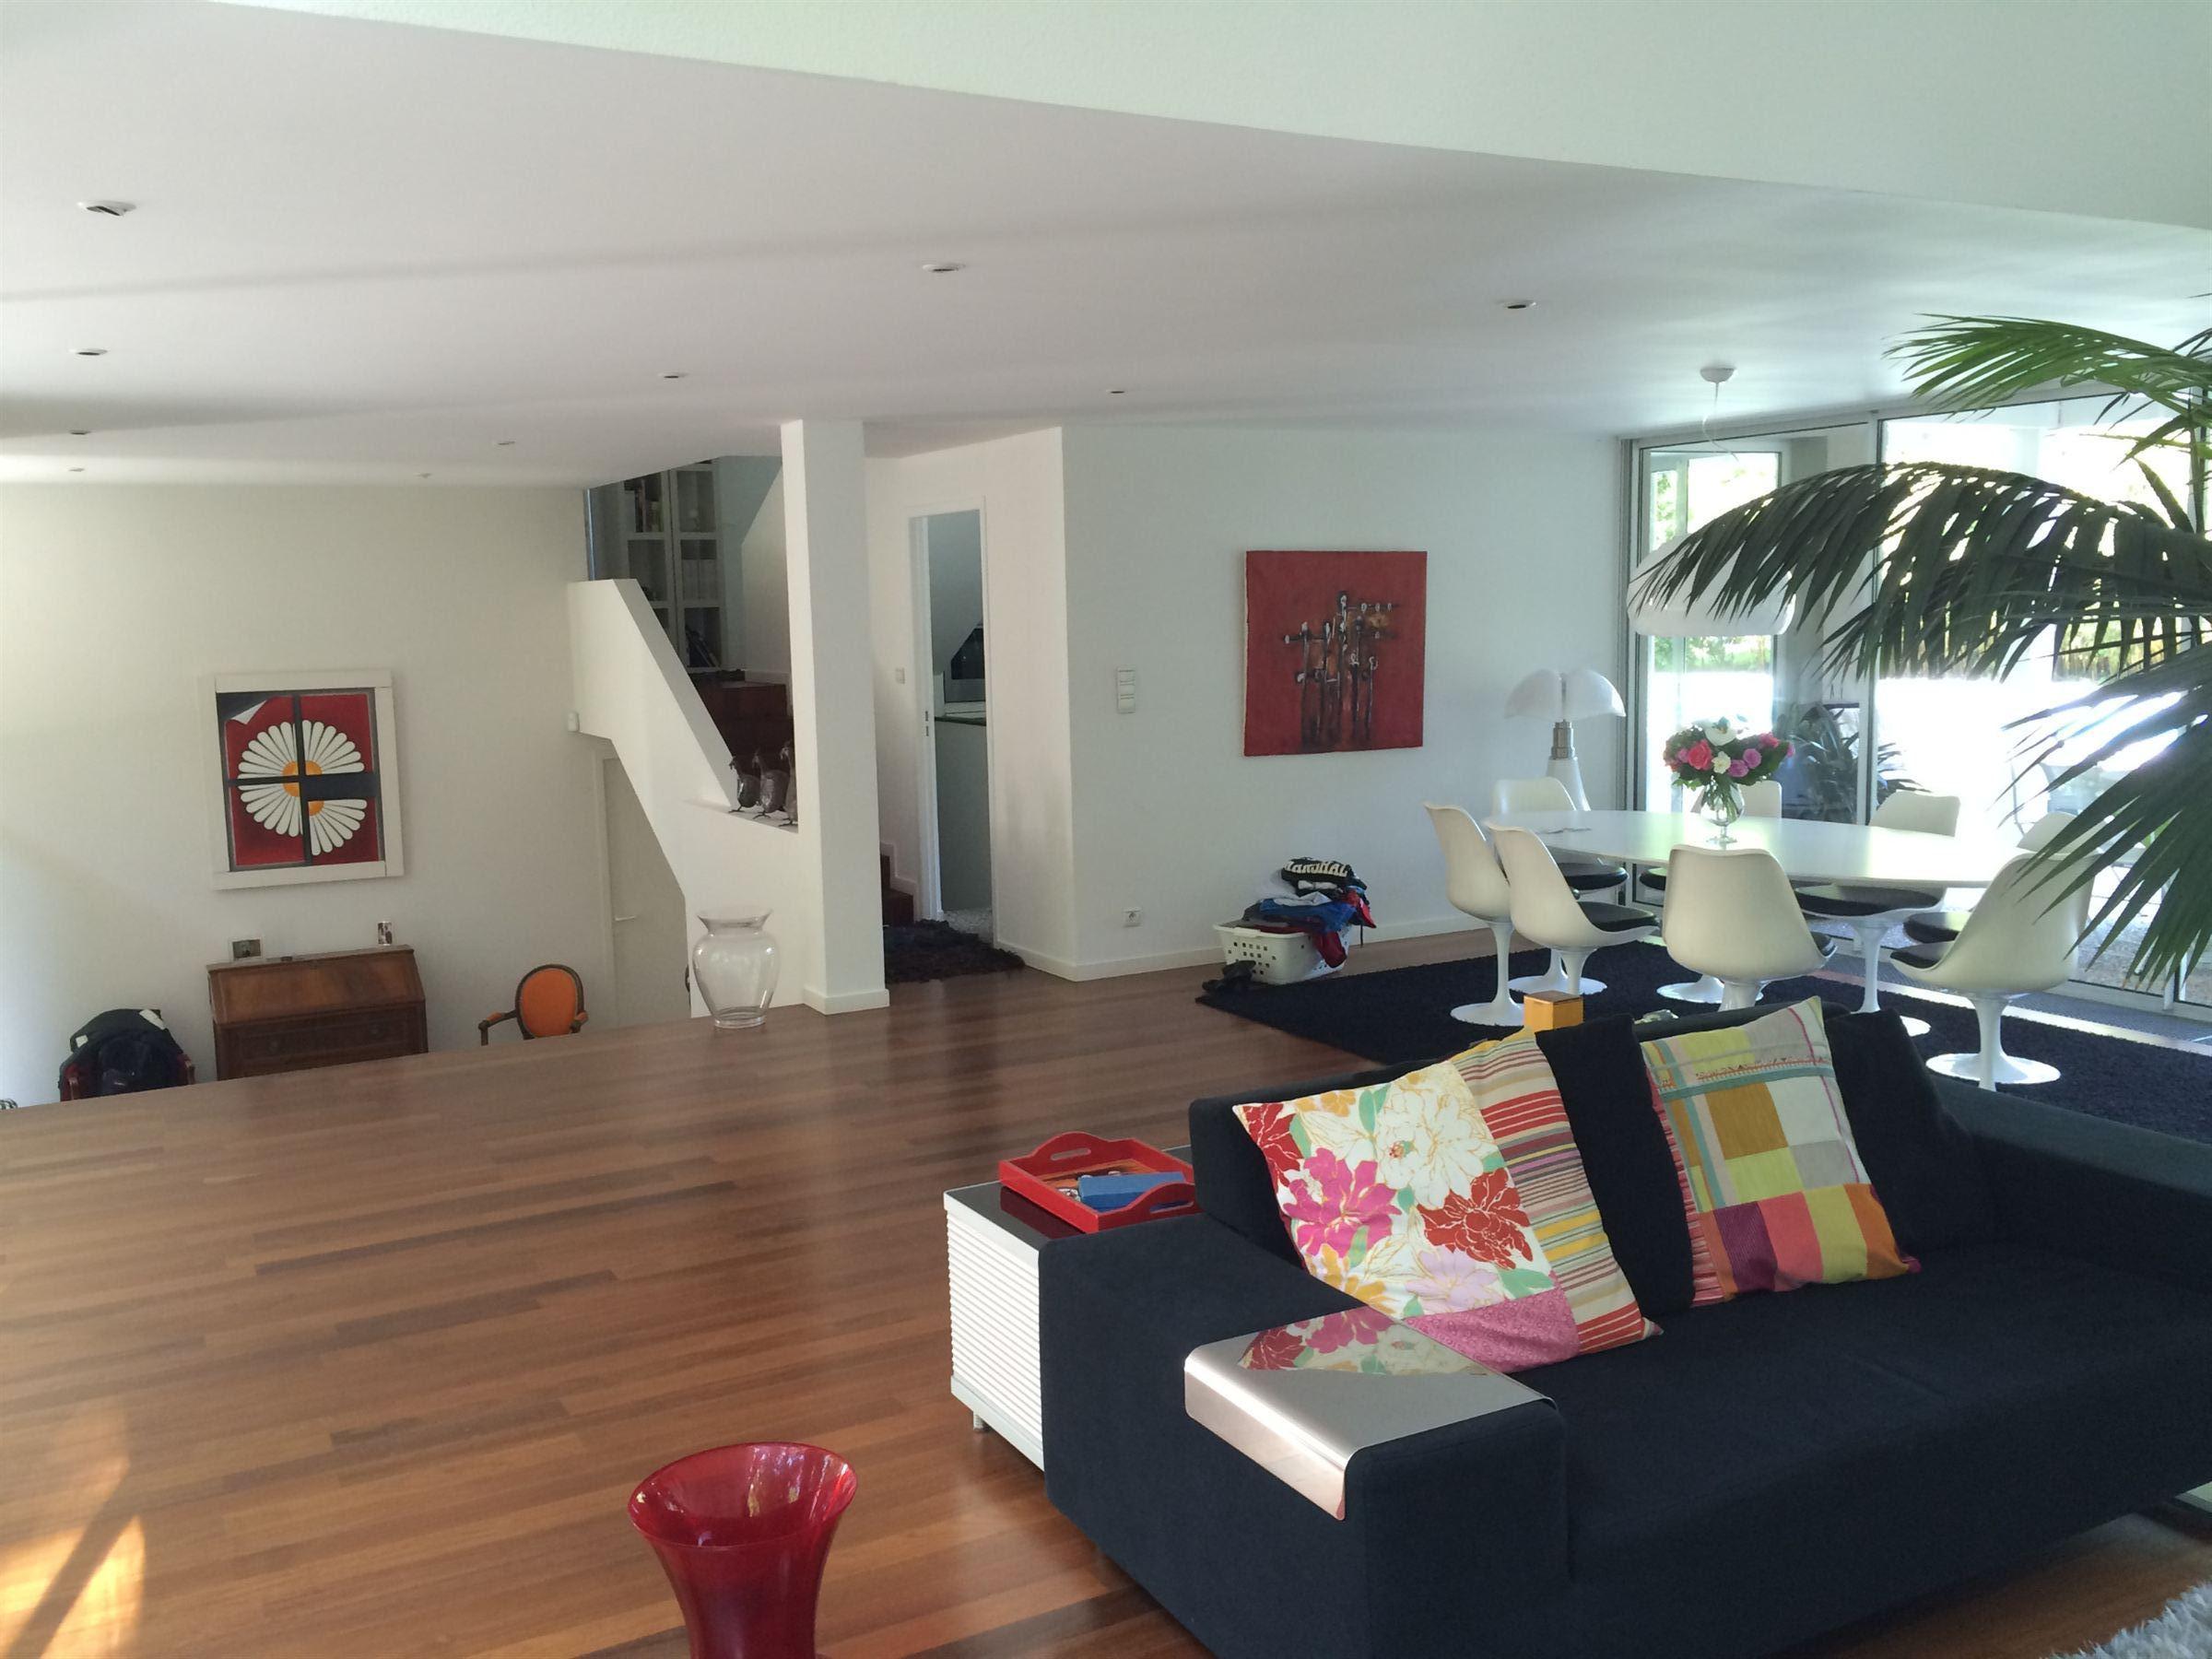 一戸建て のために 売買 アット BORDEAUX REGION - ON THE WAY TO THE BAY OF ARCACHON -BEAUTIFUL ARCHITECT HOME Bordeaux, アキテーヌ, 33000 フランス